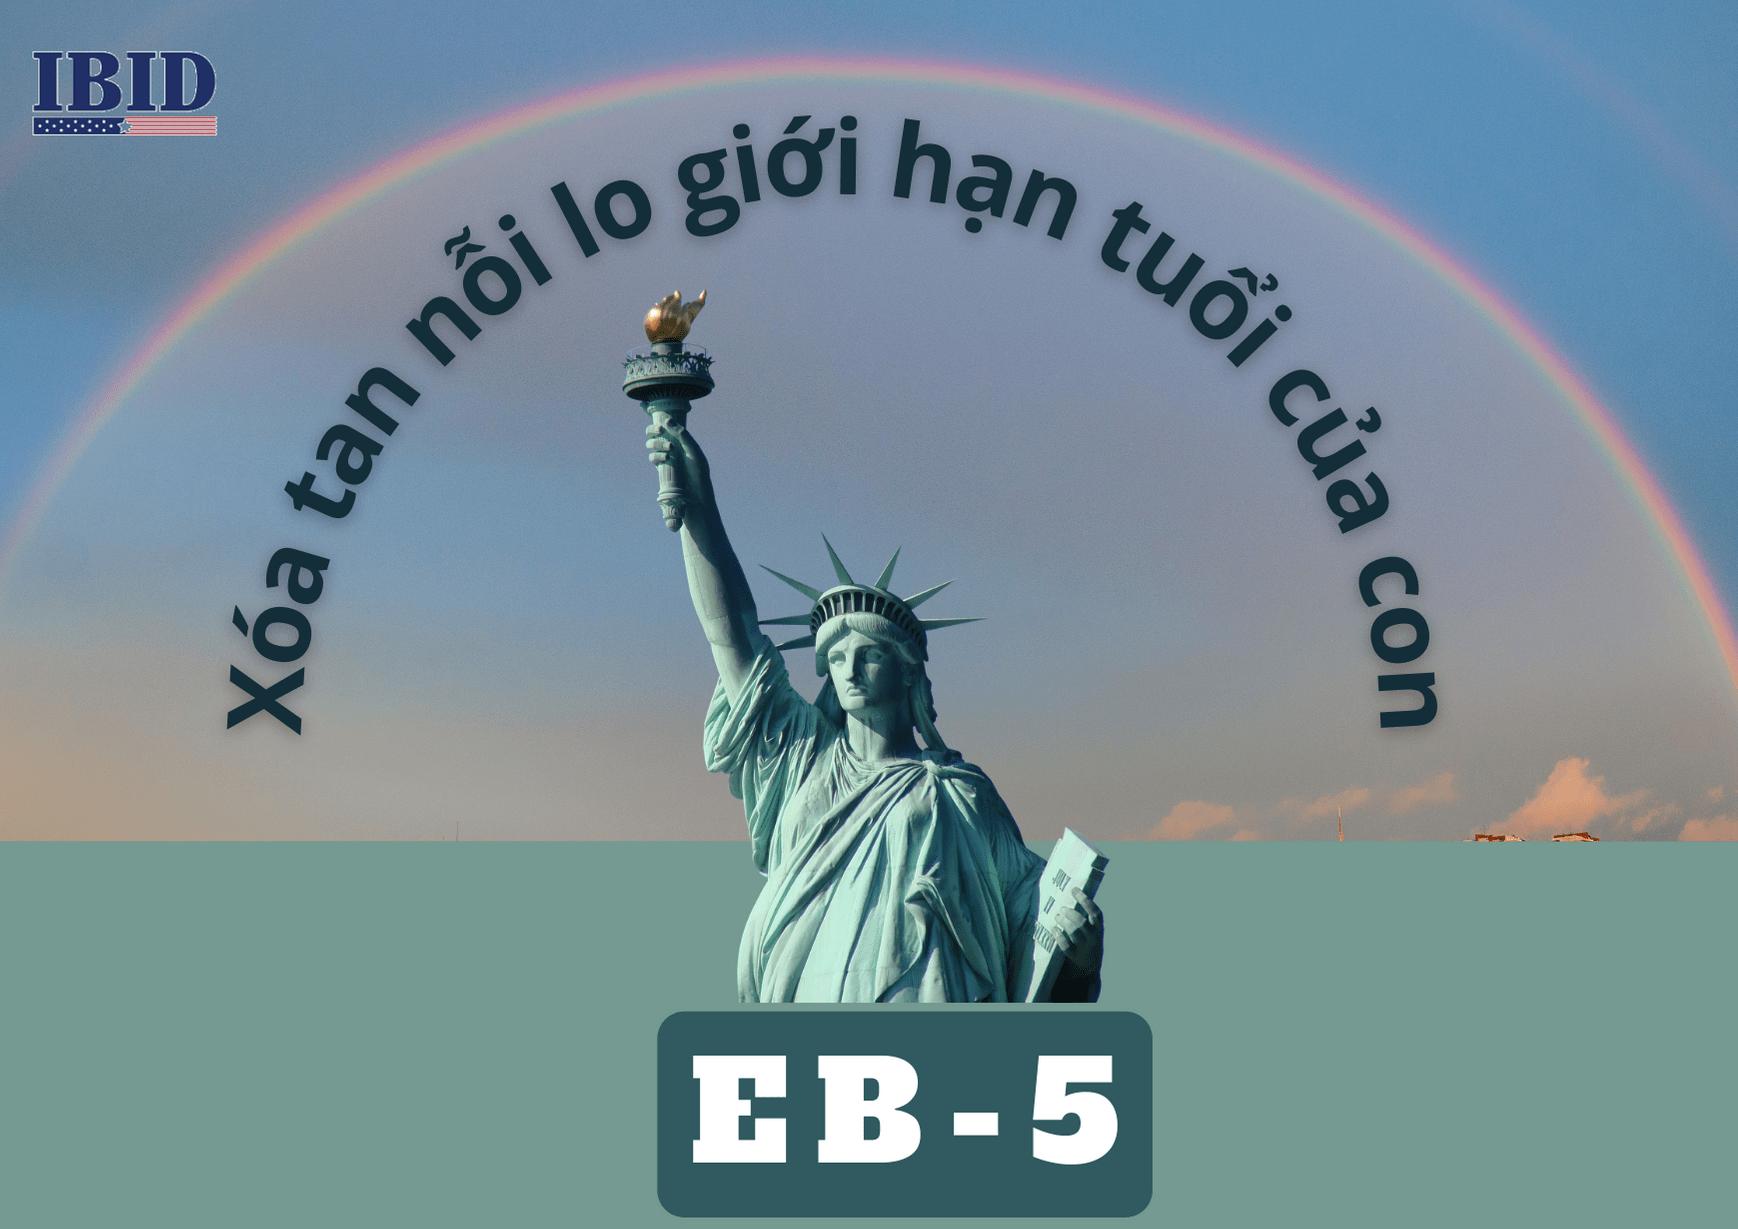 HẾT TỒN ĐỌNG HỒ SƠ EB-5 – HẾT NỖI LO GIỚI HẠN TUỔI CỦA CON